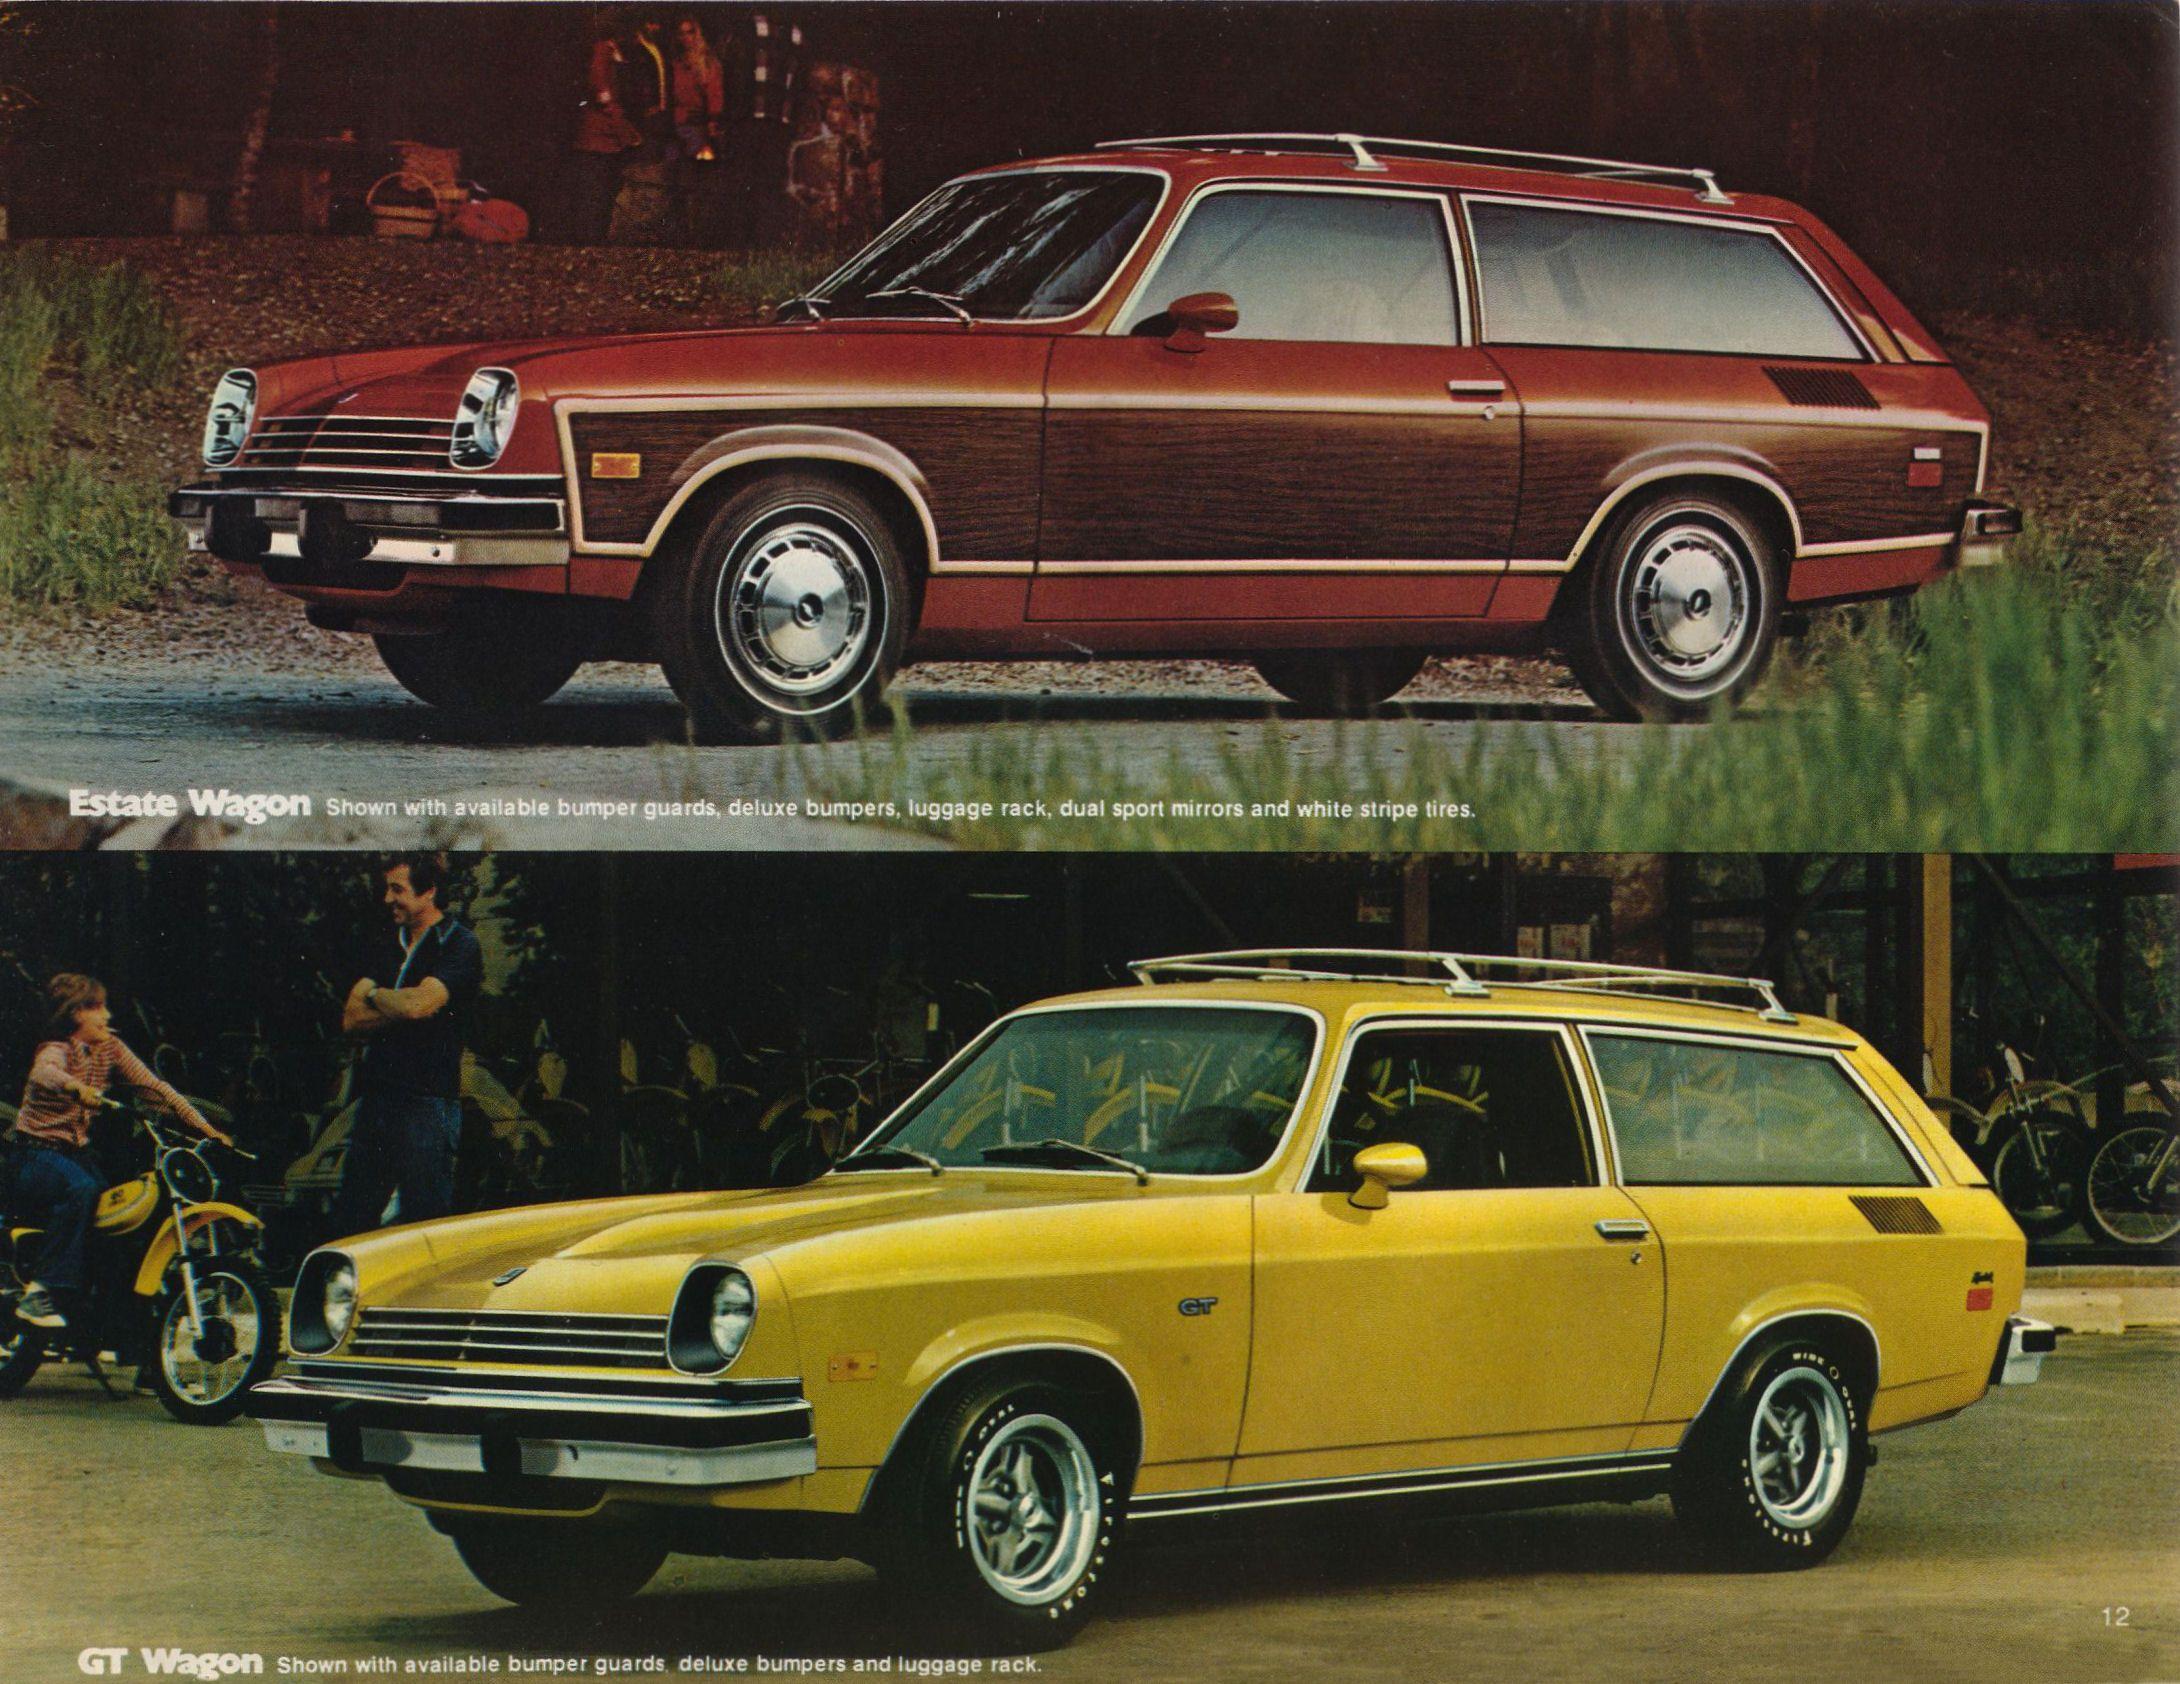 Chevrolet Vega 1976 Chevrolet Vega Chevrolet Vega Chevrolet Car Station